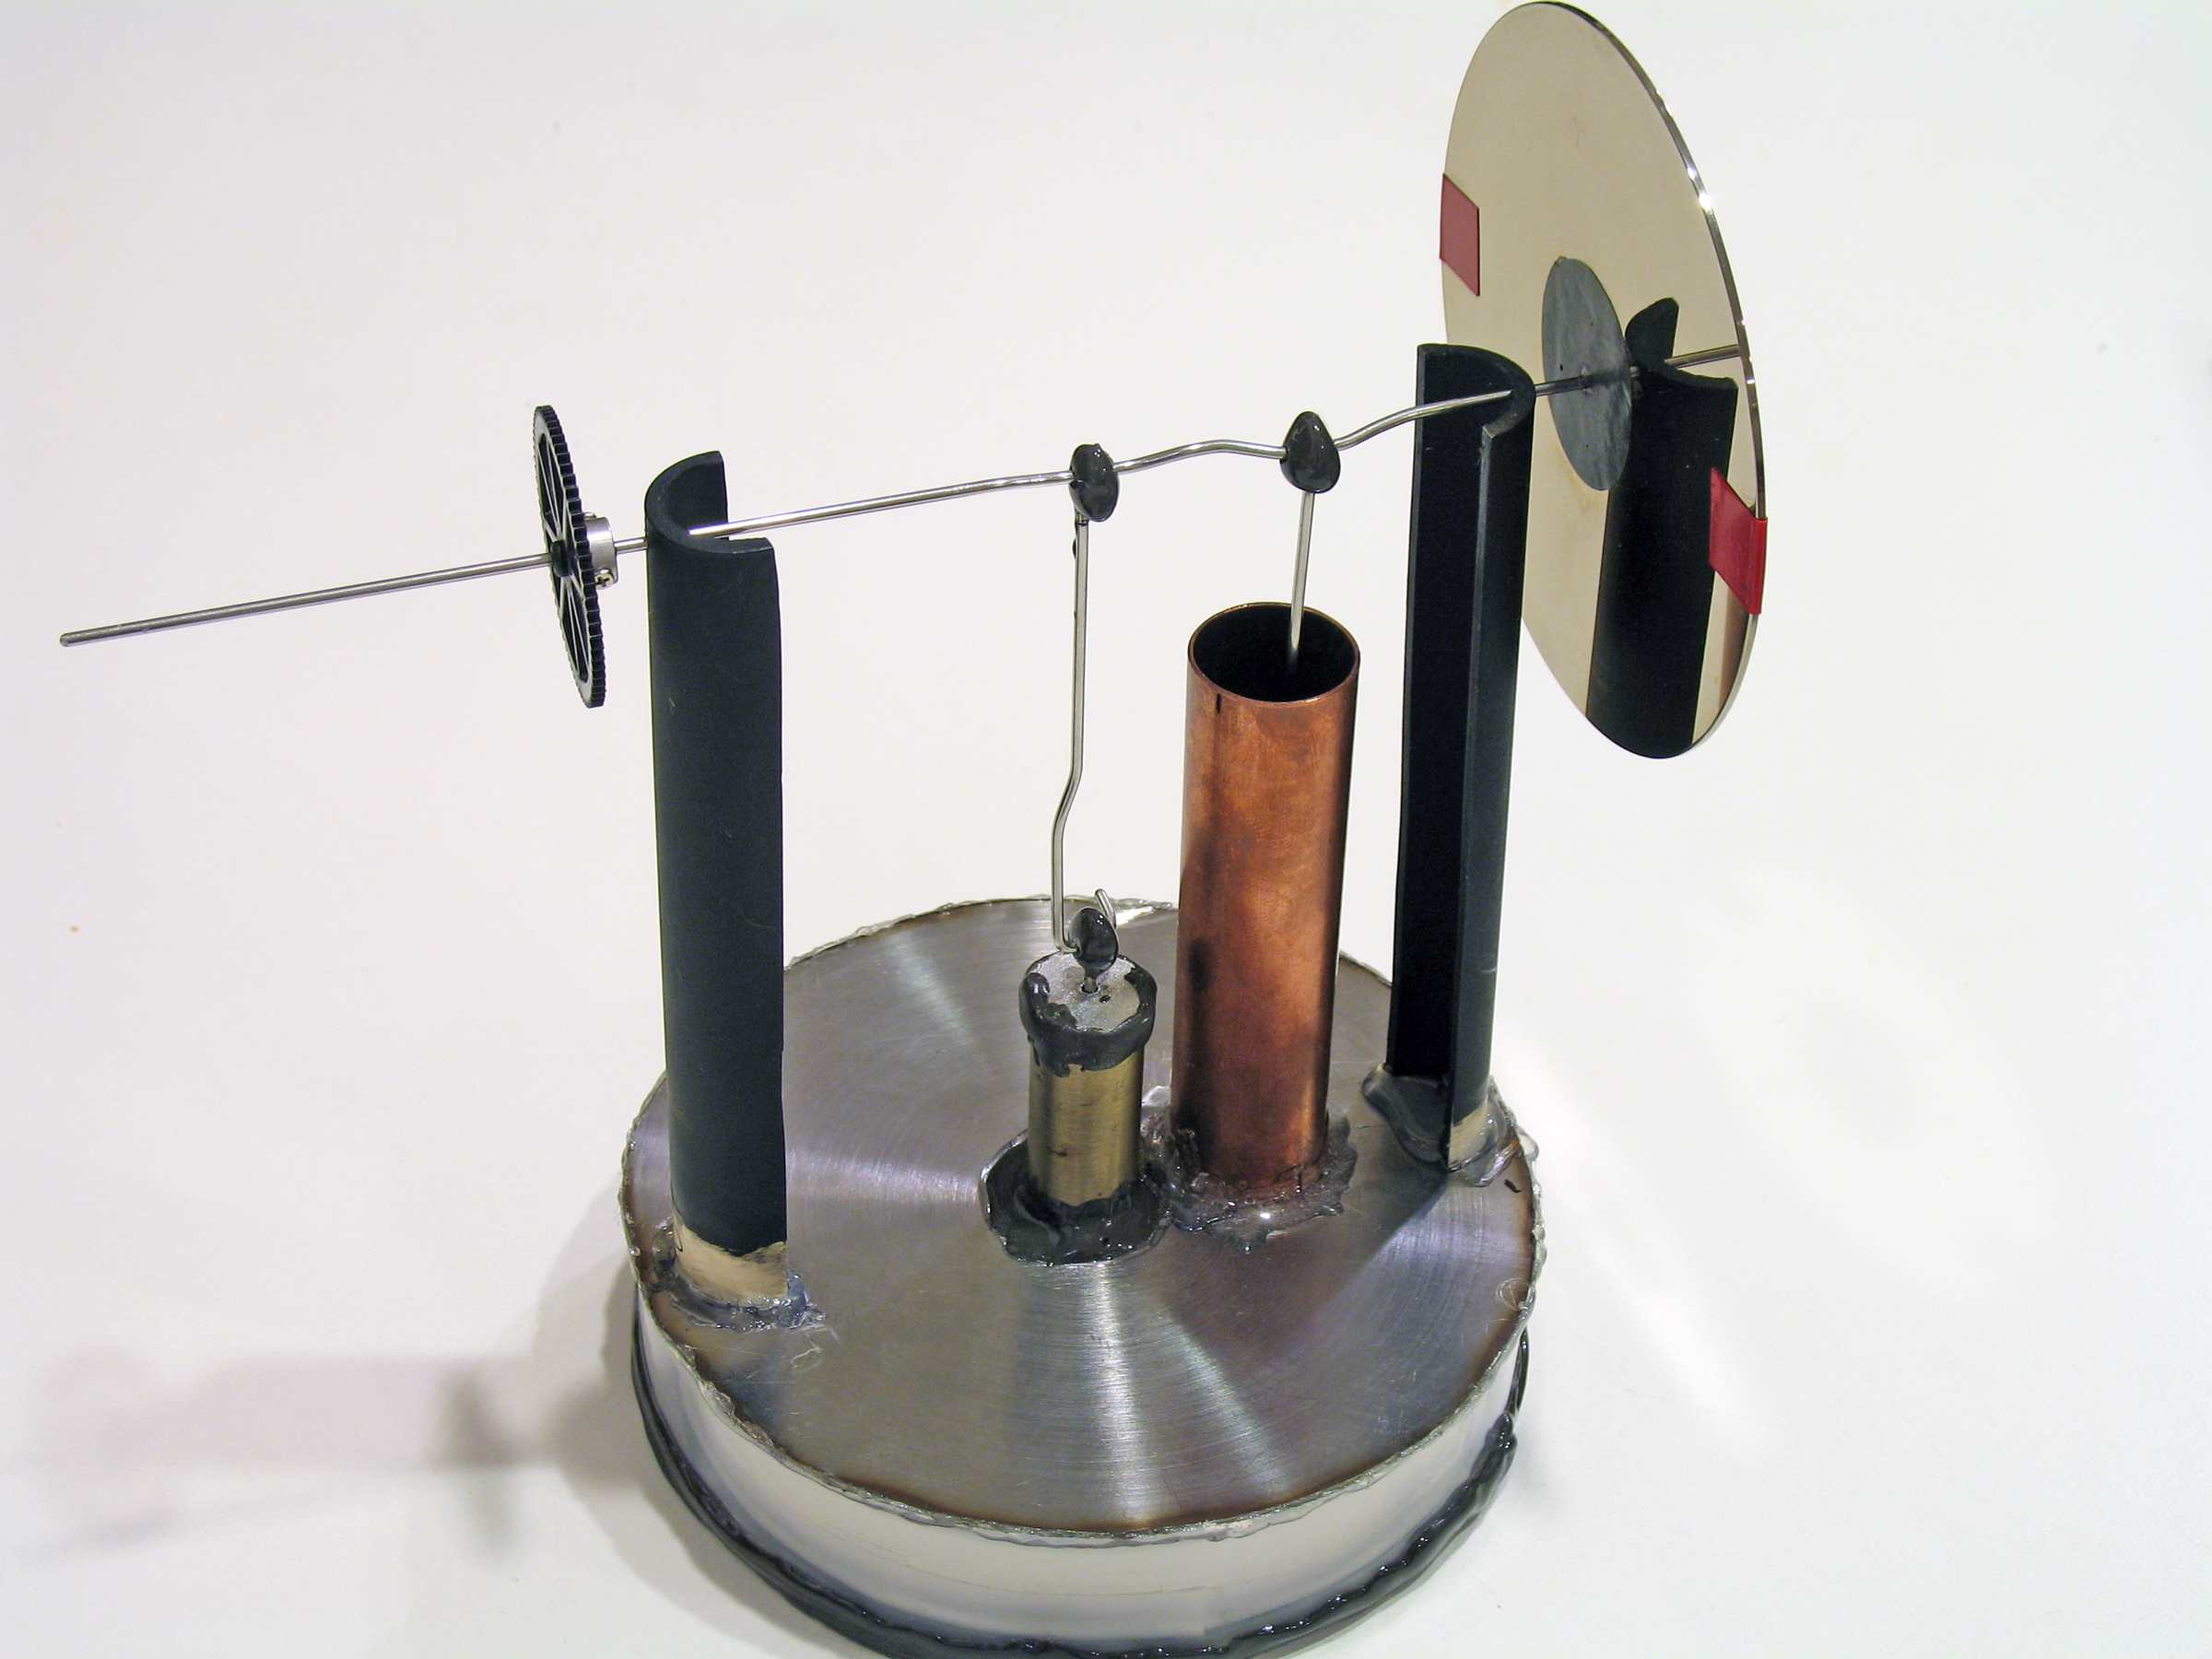 Teacup Stirling Engine